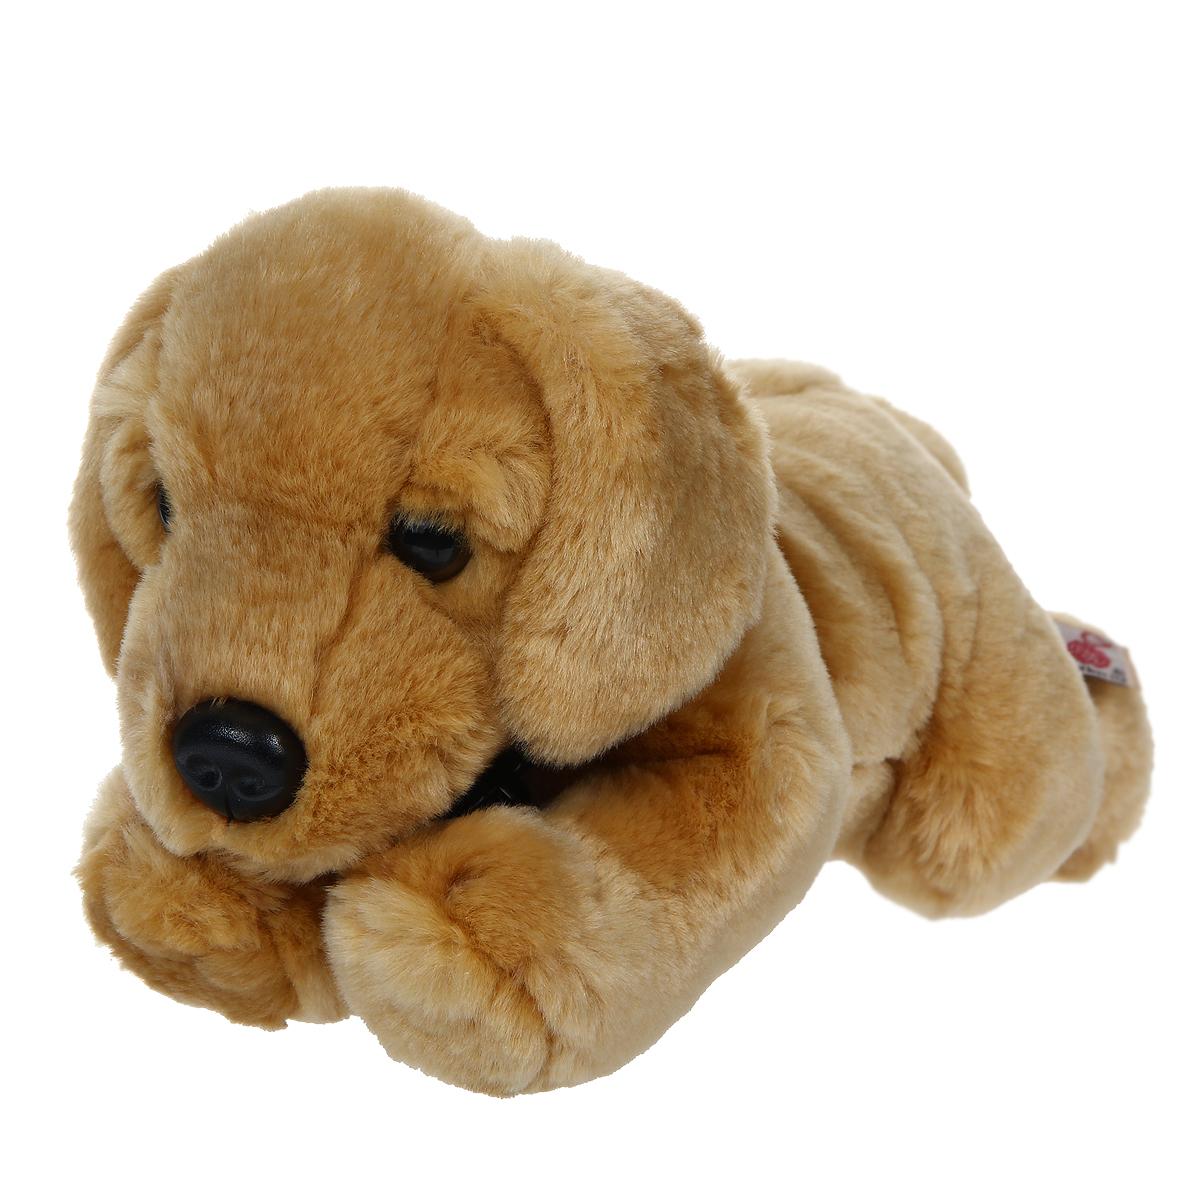 Мягкая игрушка Лабрадор, 30 смSD4553Очаровательная мягкая игрушка Лабрадор вызовет умиление и улыбку у каждого, кто ее увидит. Игрушка удивительно приятна на ощупь, а специальные гранулы, используемые при ее набивке, способствуют развитию мелкой моторики рук ребенка. Мягкая игрушка Лабрадор с милой мордочкой и ясными глазками, имеет ошейник из искусственной кожи, на котором прикреплена бирка с надписью Monty. Оригинальный стиль и великолепное качество исполнения делают эту игрушку чудесным подарком к любому празднику, а милый образ представит такой подарок в самом лучшем свете.